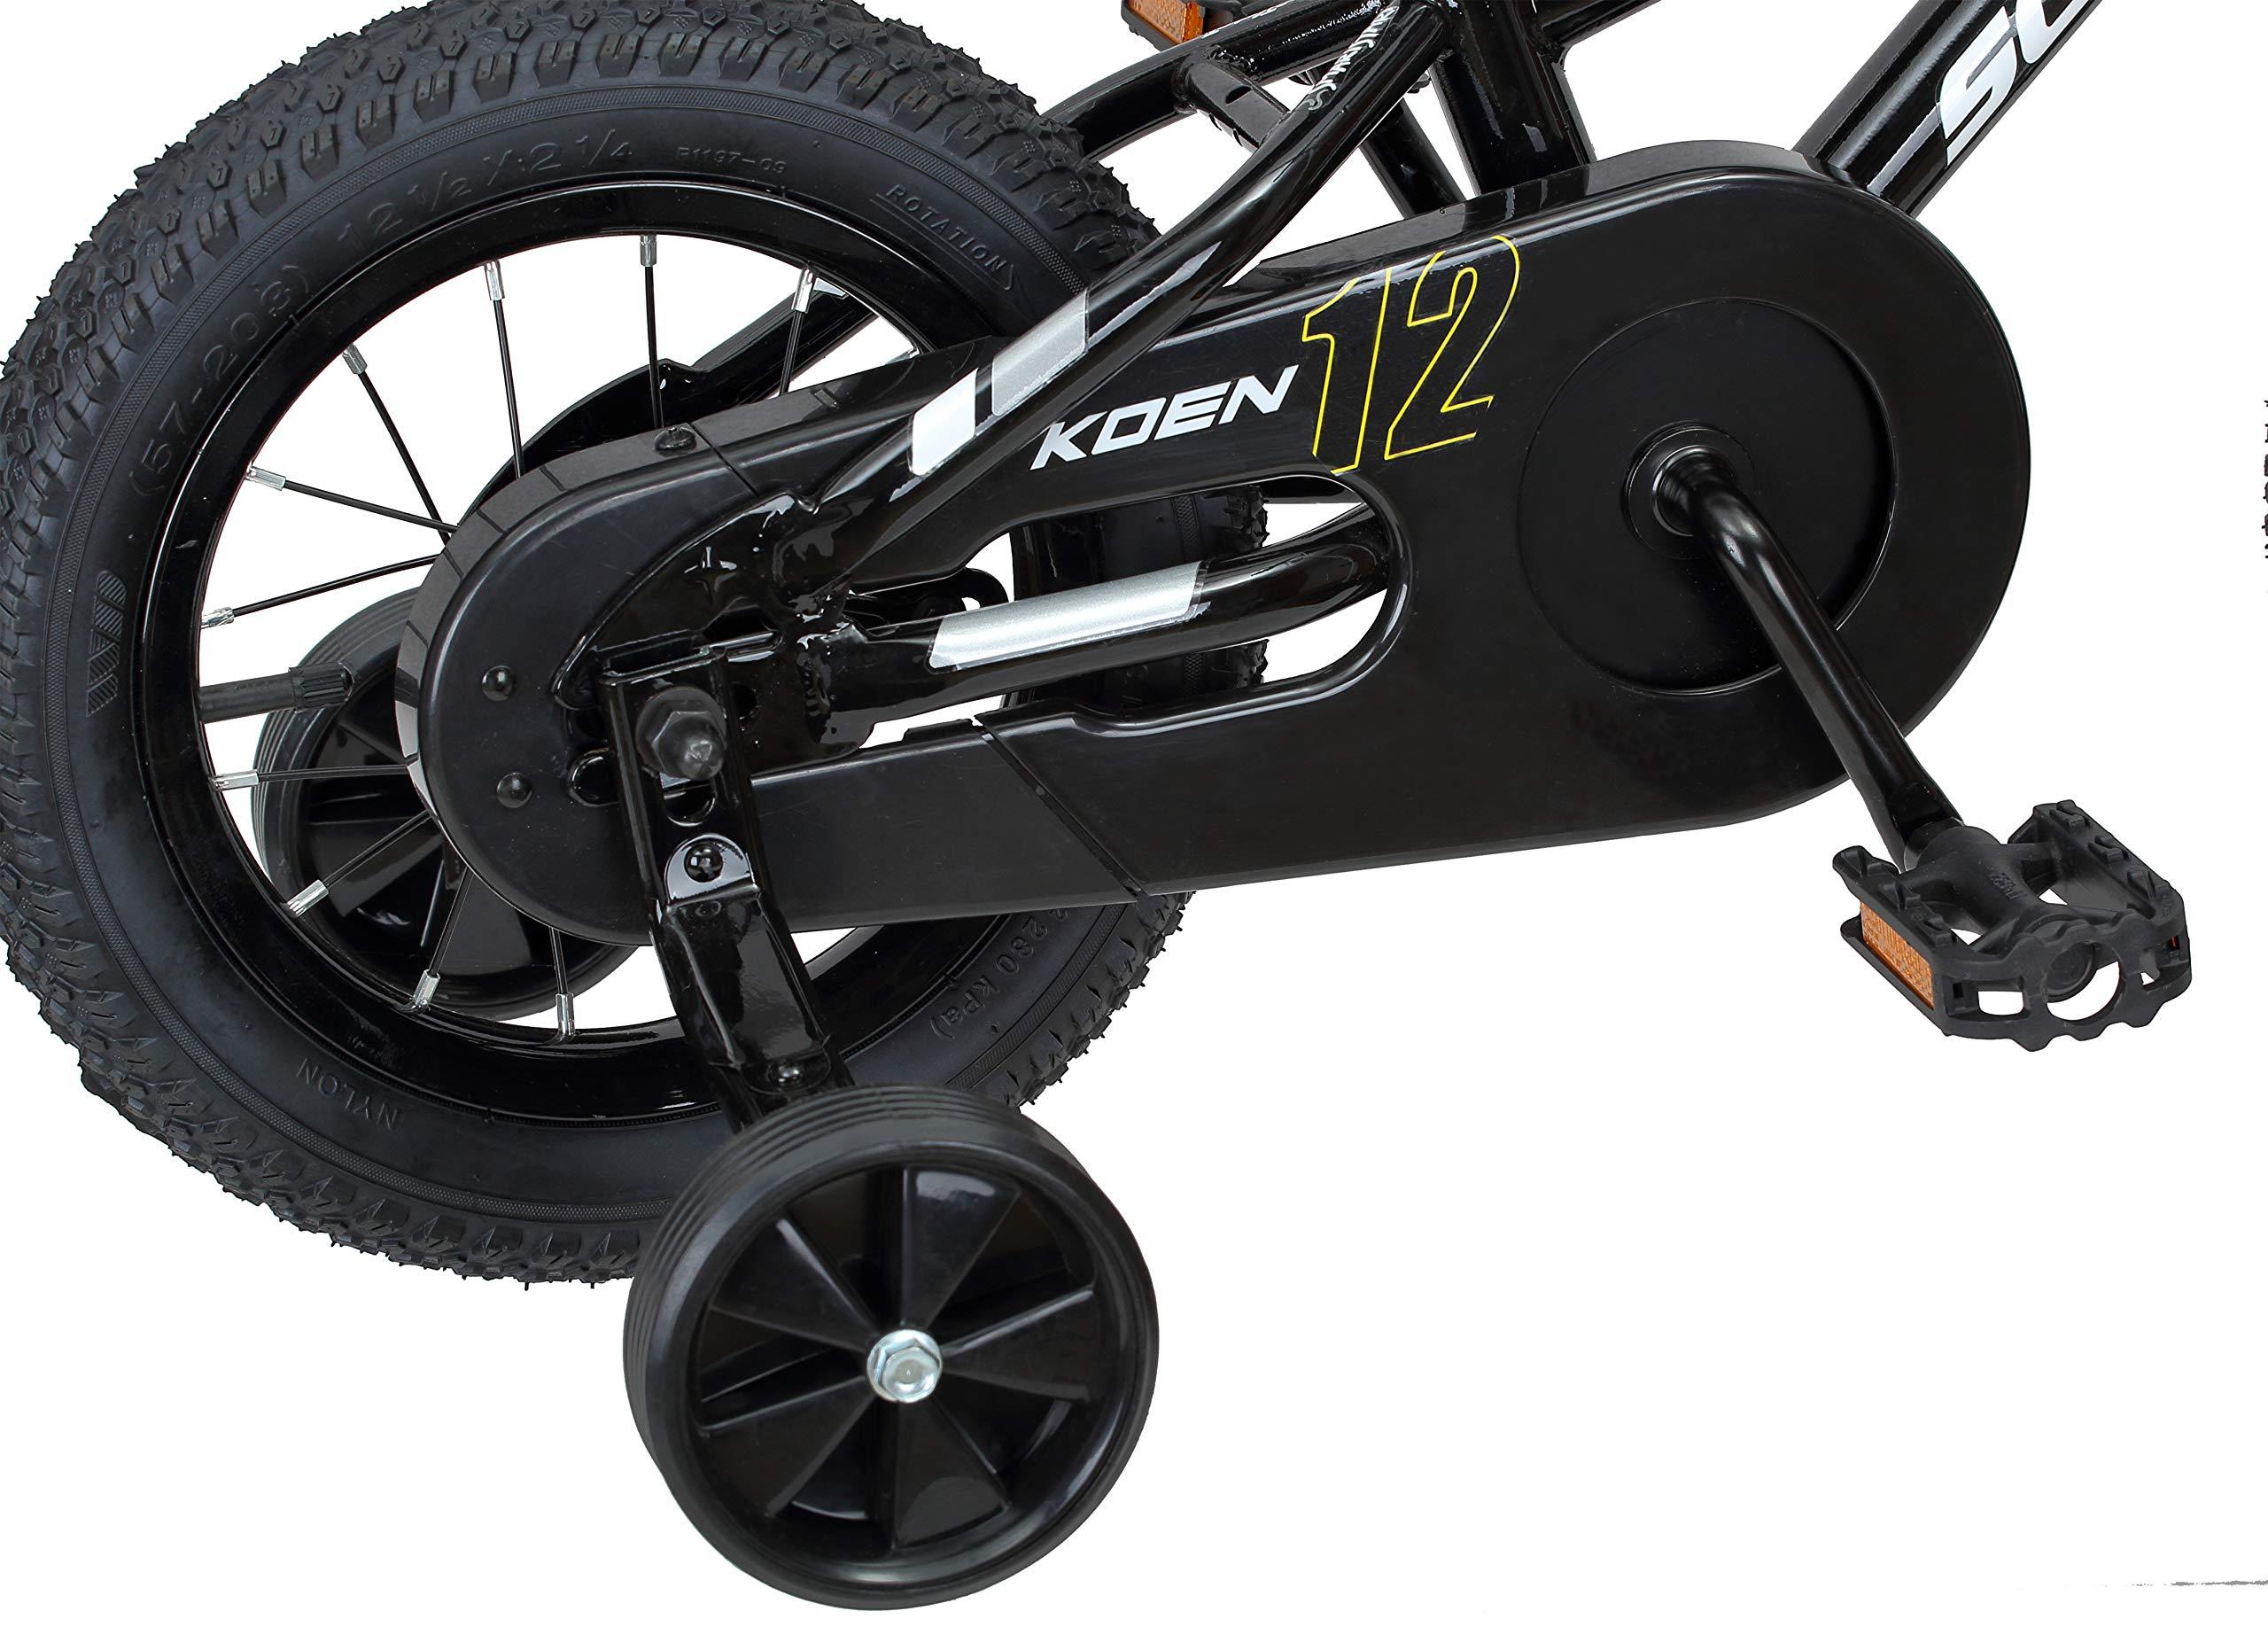 Schwinn Koen Boy S Bike Featuring Smartstart Frame To Fit